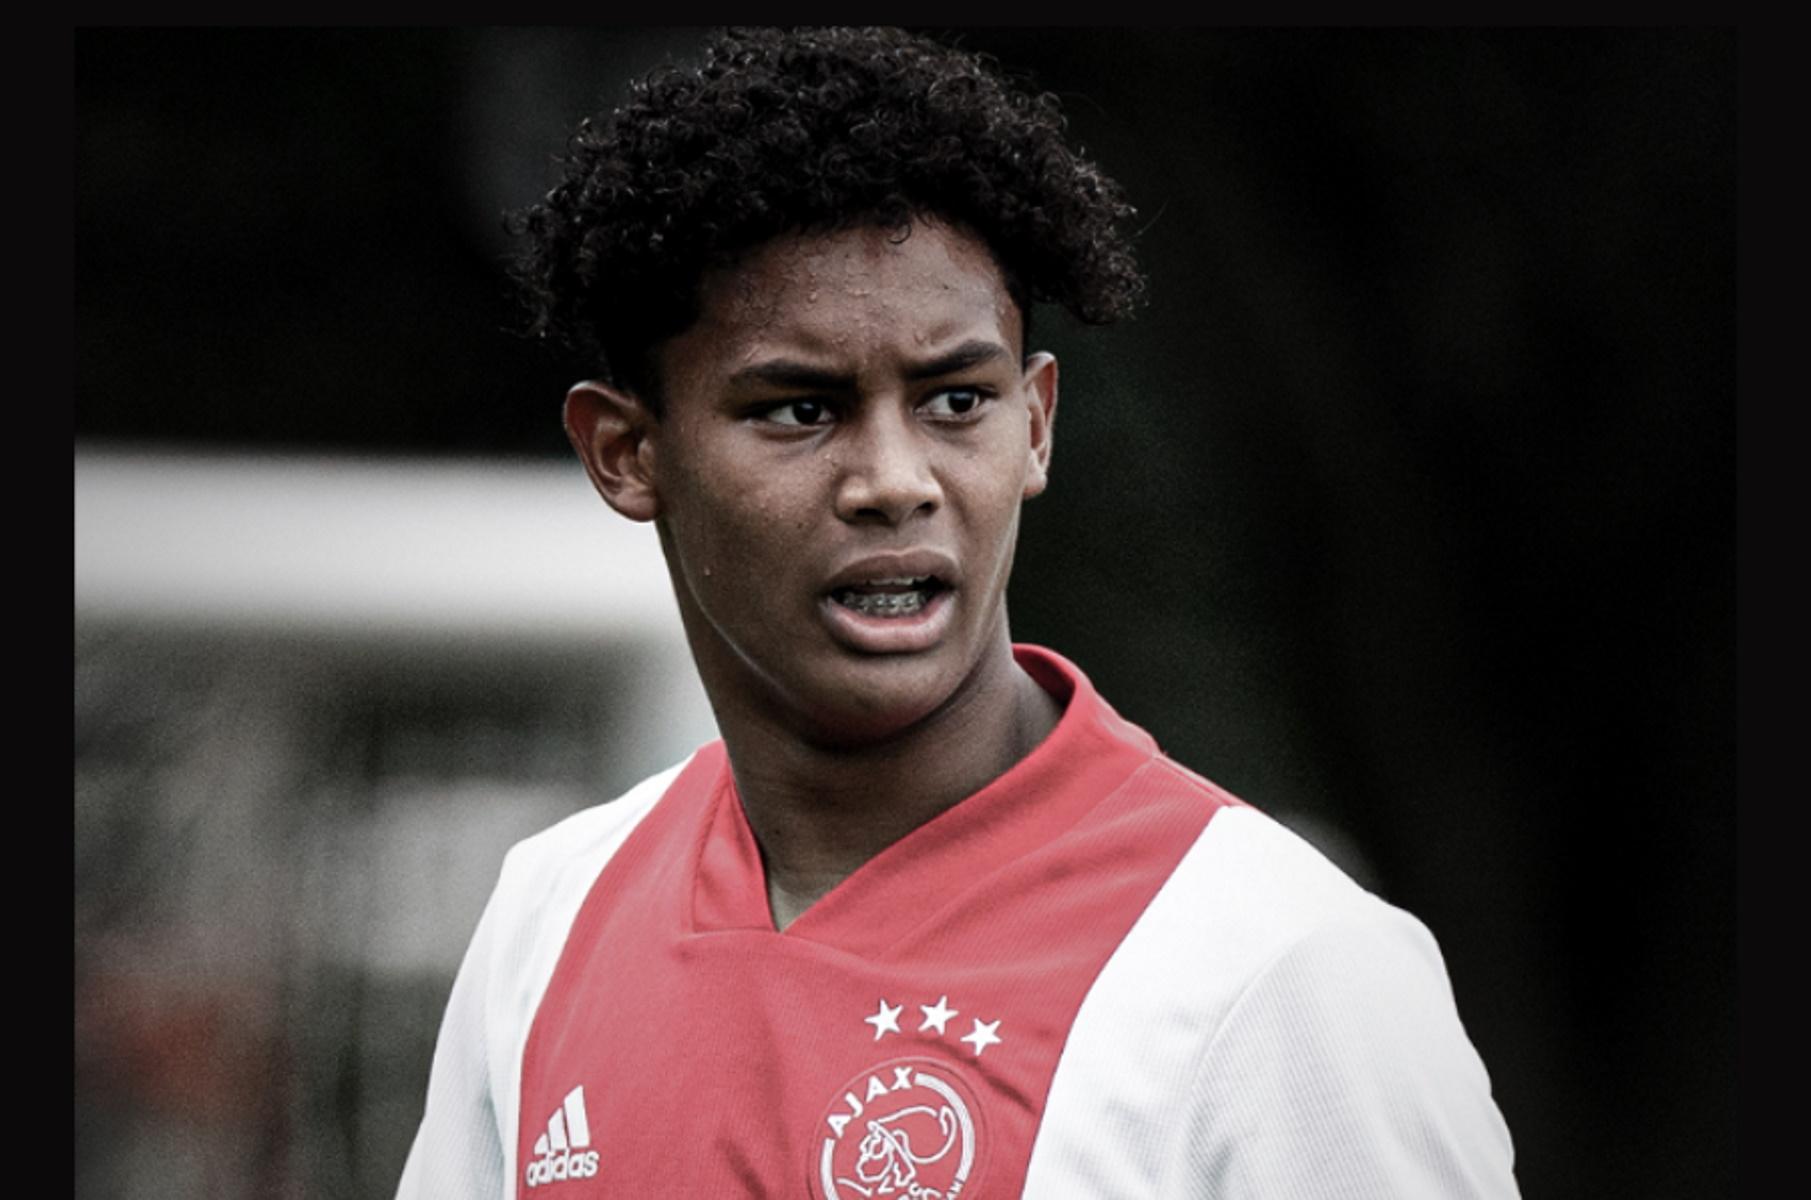 Πέθανε νεαρός ποδοσφαιριστής του Άγιαξ σε αυτοκινητιστικό μαζί με τον αδερφό του